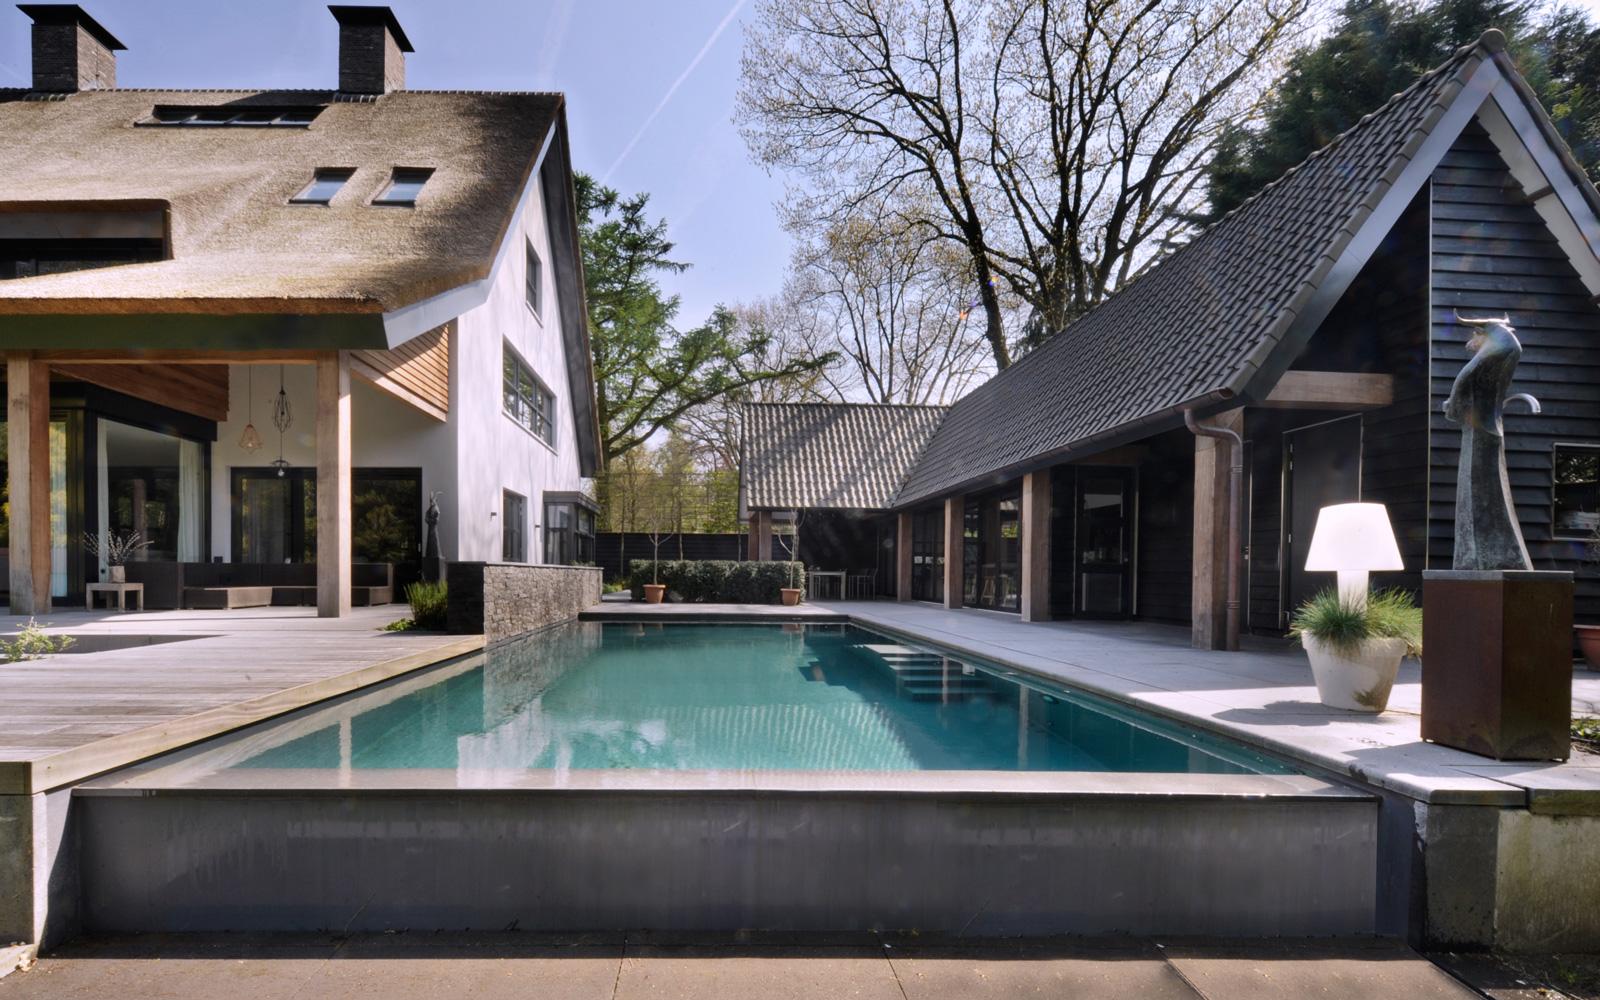 Vissers Zwembaden heeft het prachtige zwembad gerealiseerd die de tuin tot een geheel maakt.